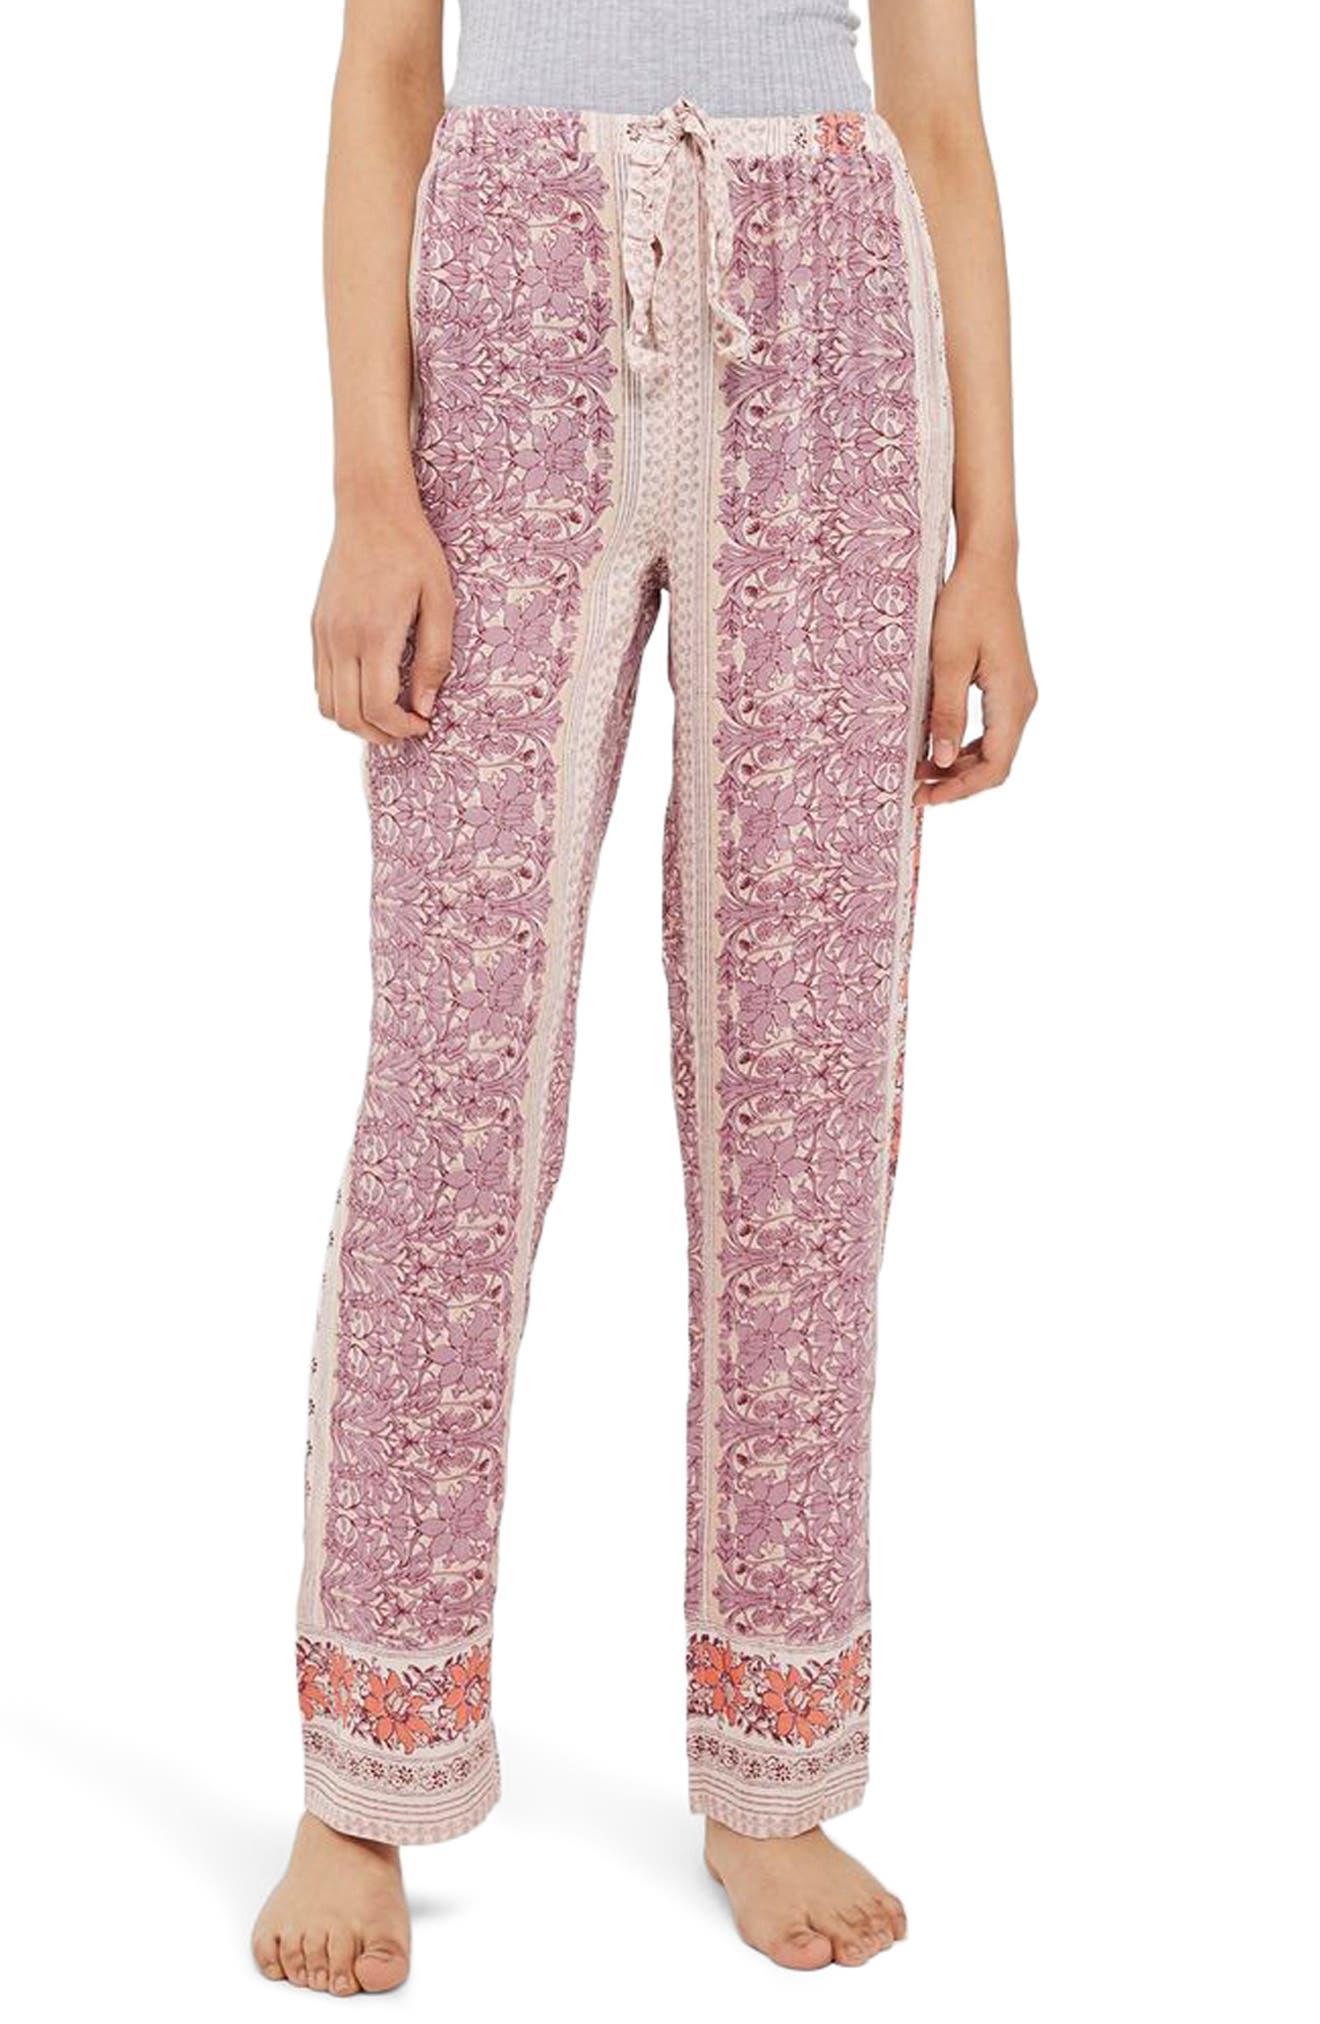 Bohemian Floral Print Pajama Pants,                         Main,                         color, 530